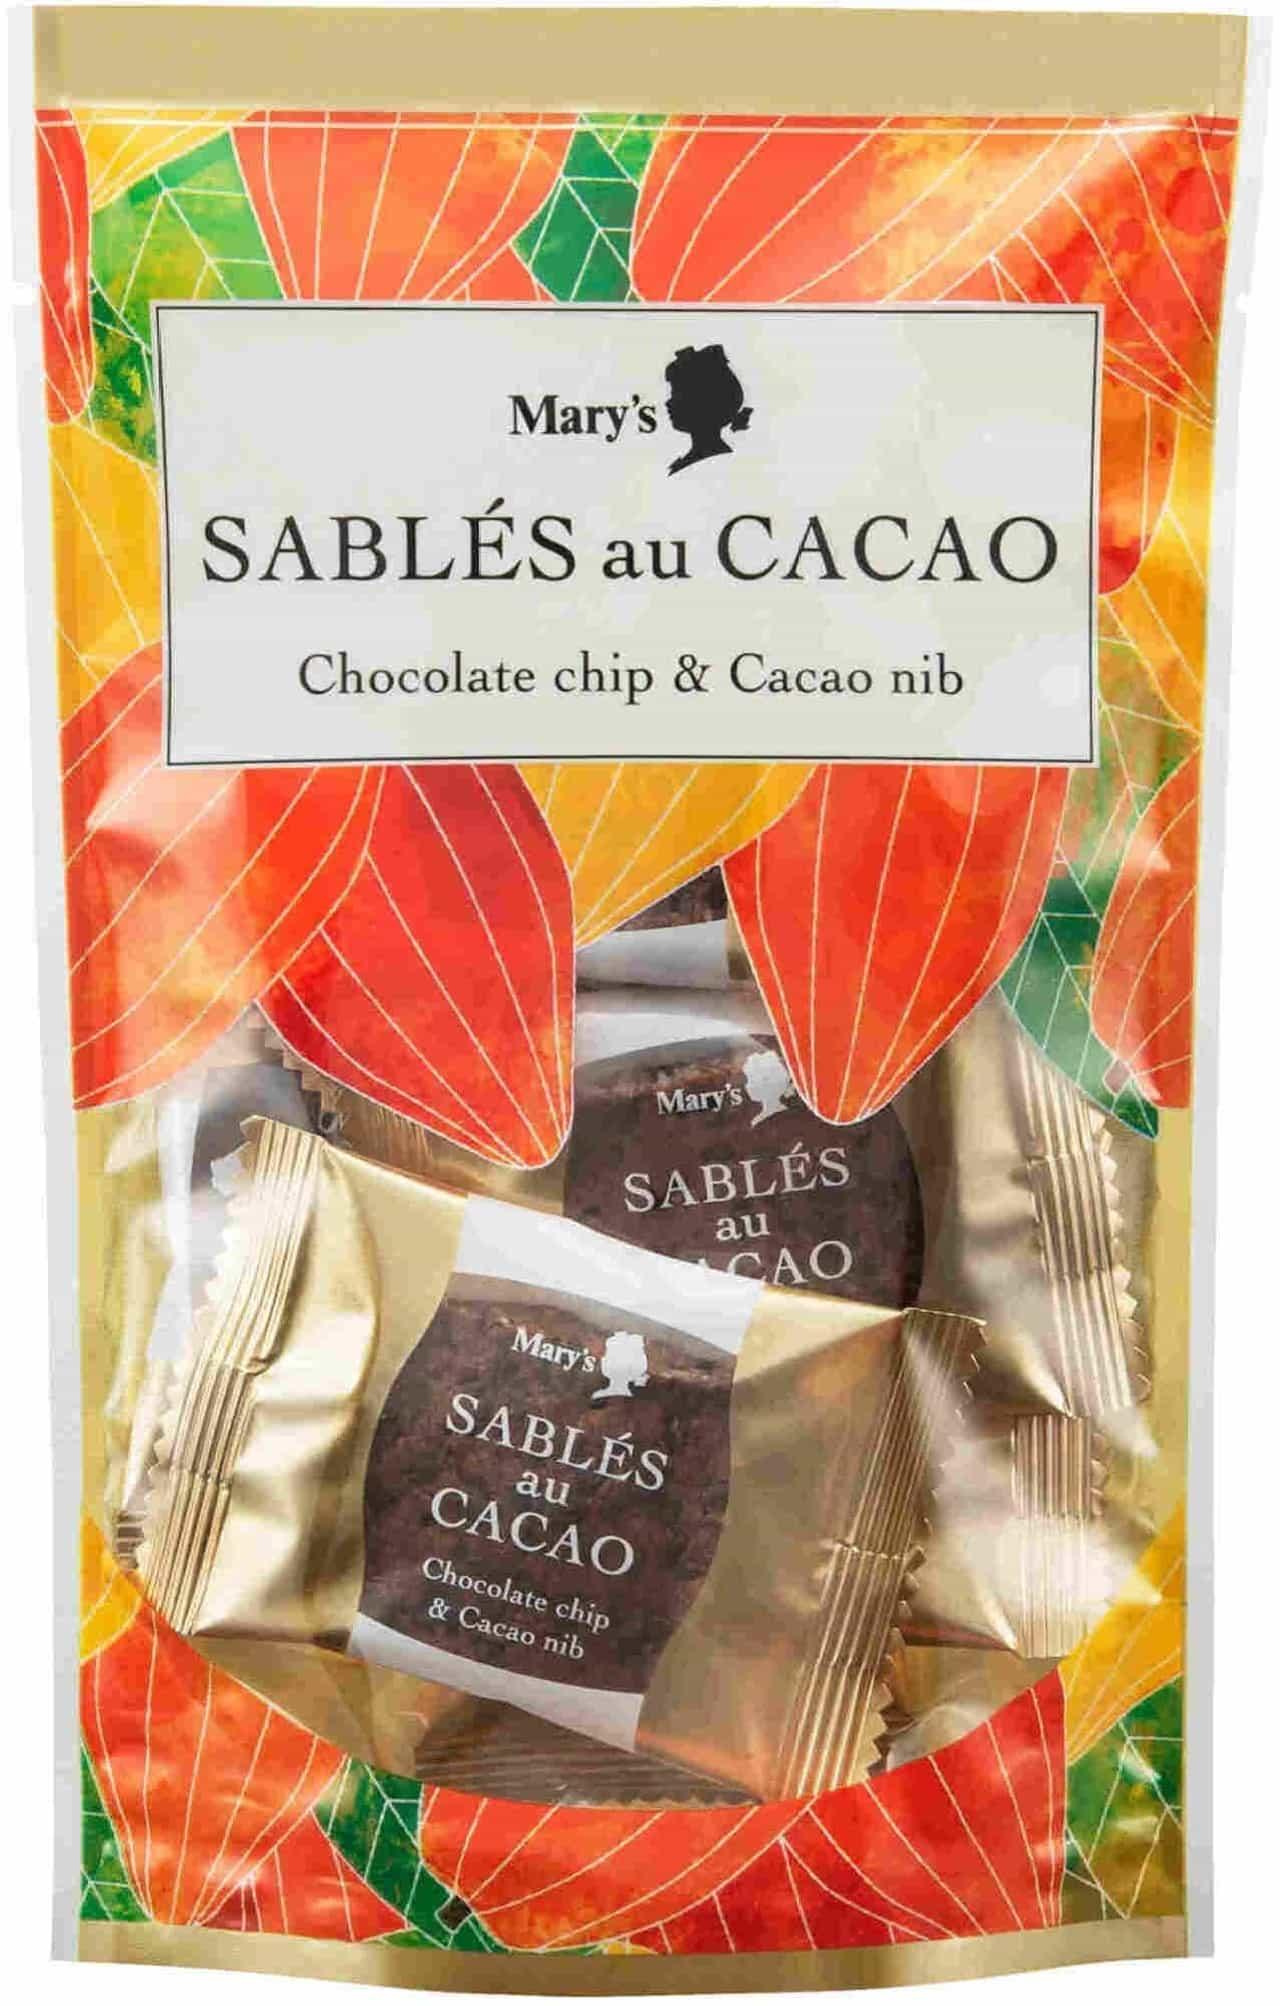 メリーチョコレート「サブレ オ カカオ」